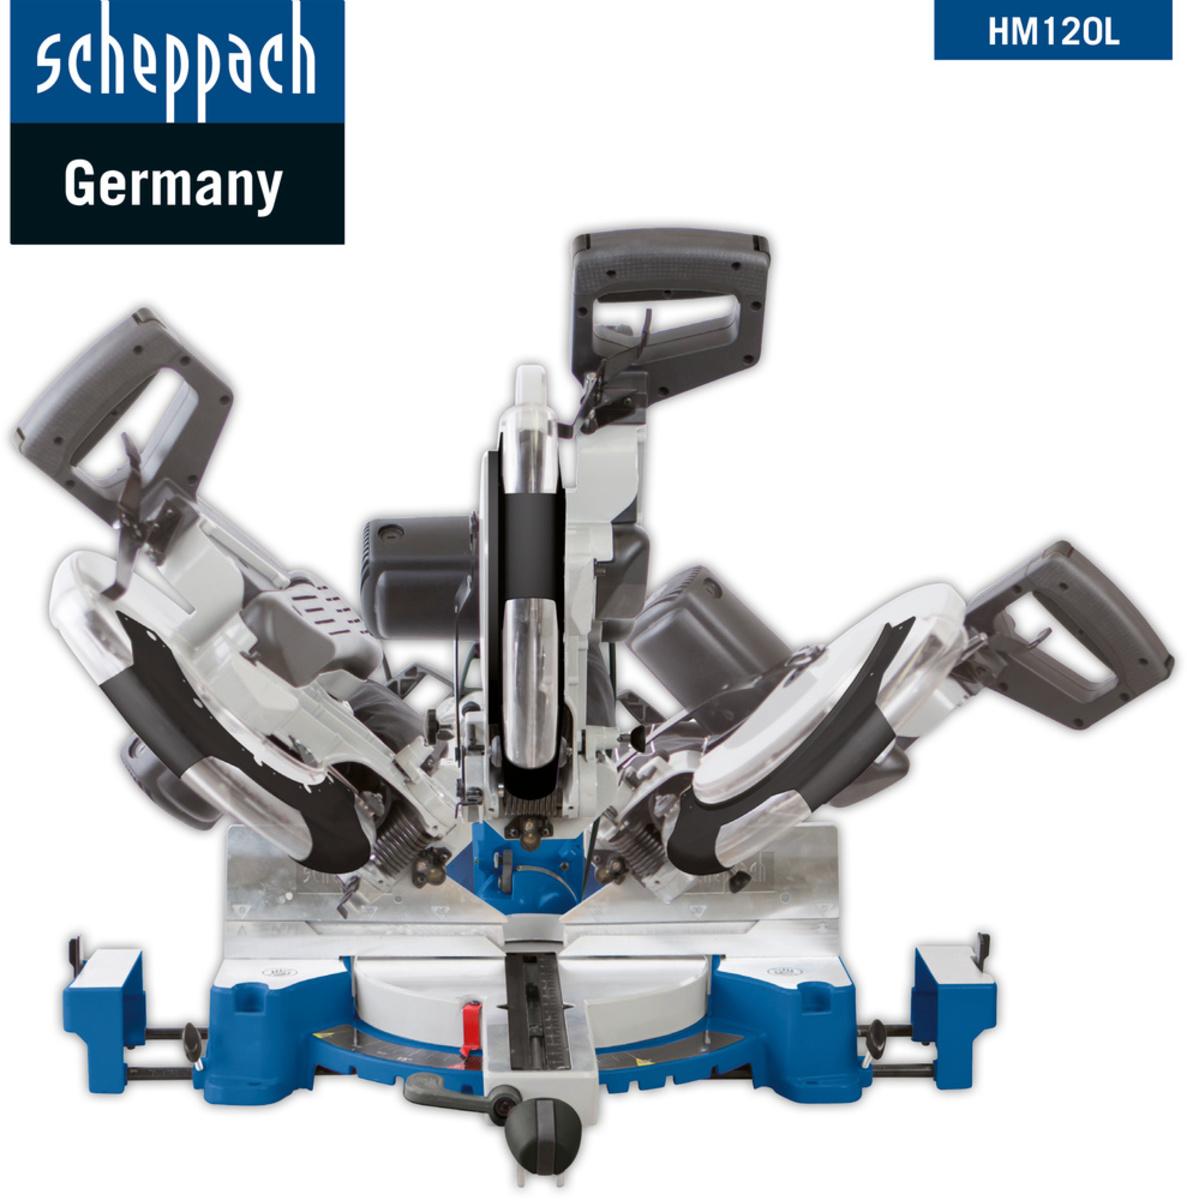 Bild 3 von Scheppach Kapp-Zugsäge HM120L